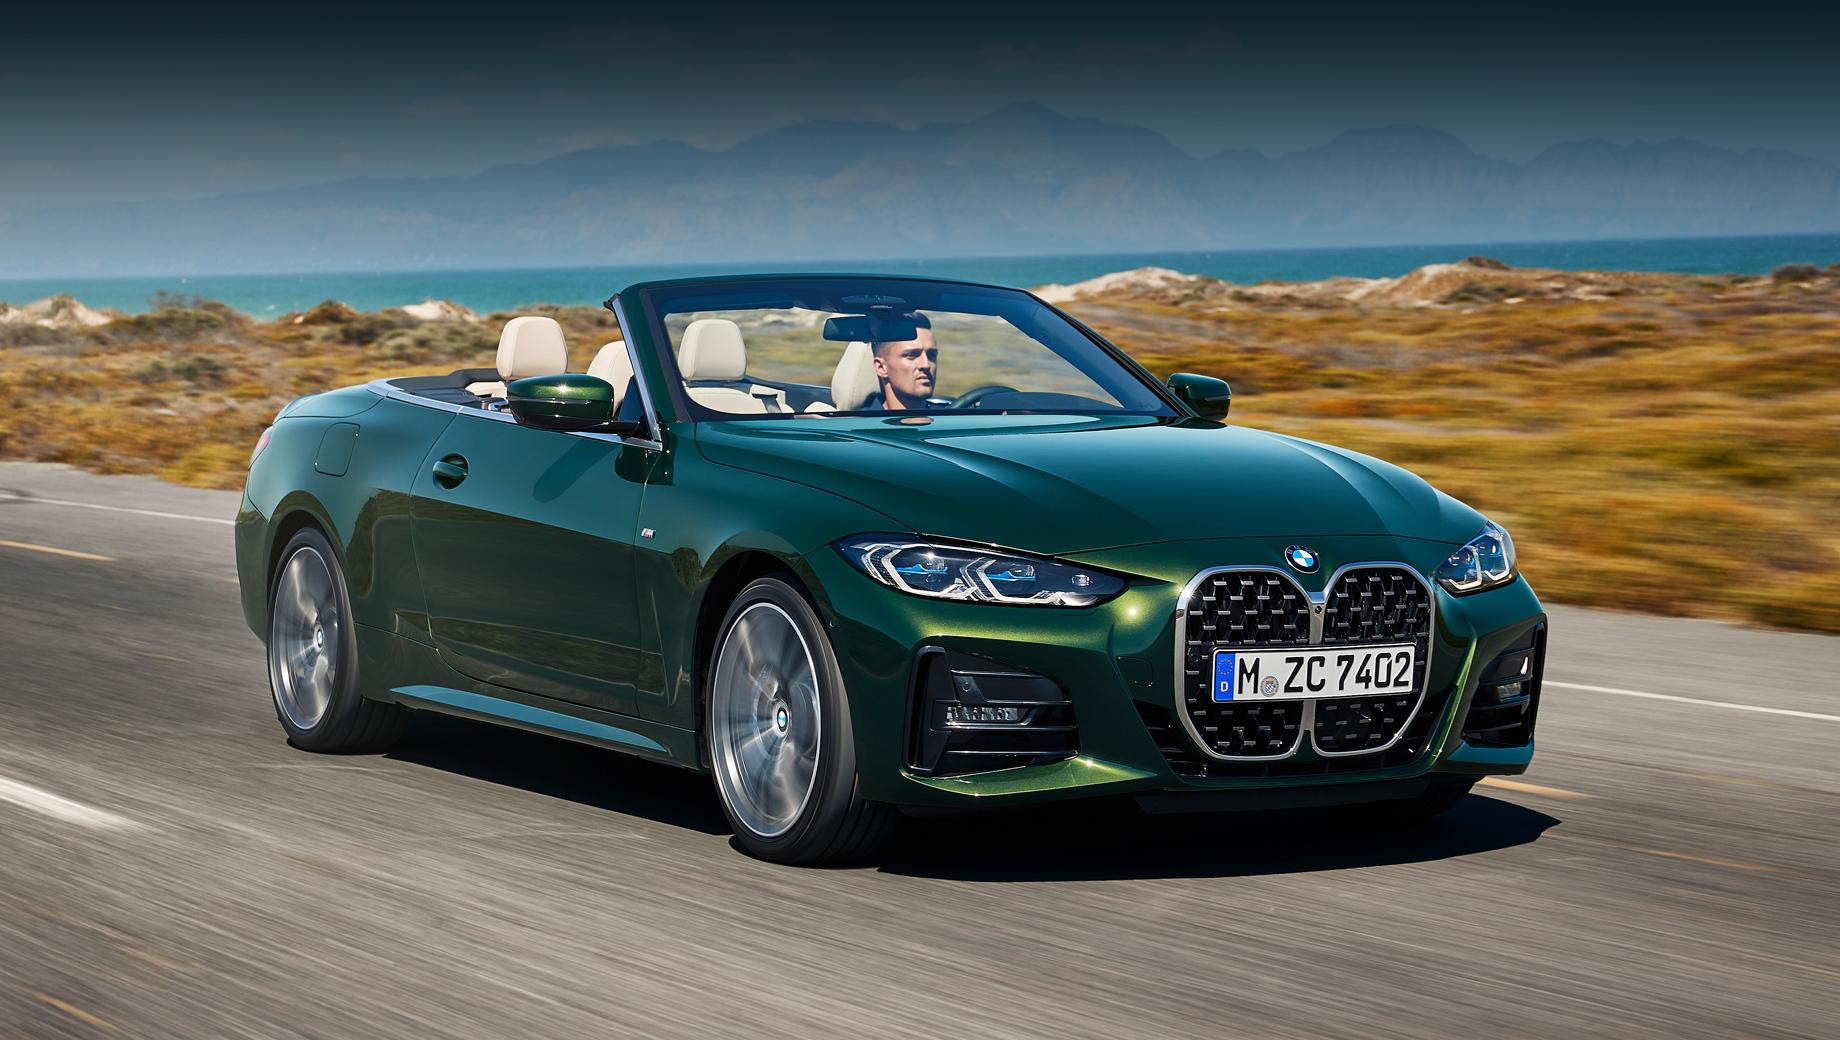 Bmw 4,Bmw 4 convertible. Внешне кабриолет следует по стопам купе BMW четвёртой серии, если не считать собственно верха. В сравнении с прошлым кабриолетом повышена жёсткость кузова на кручение. Развесовка 50:50 тоже положительно отразилась на управляемости.